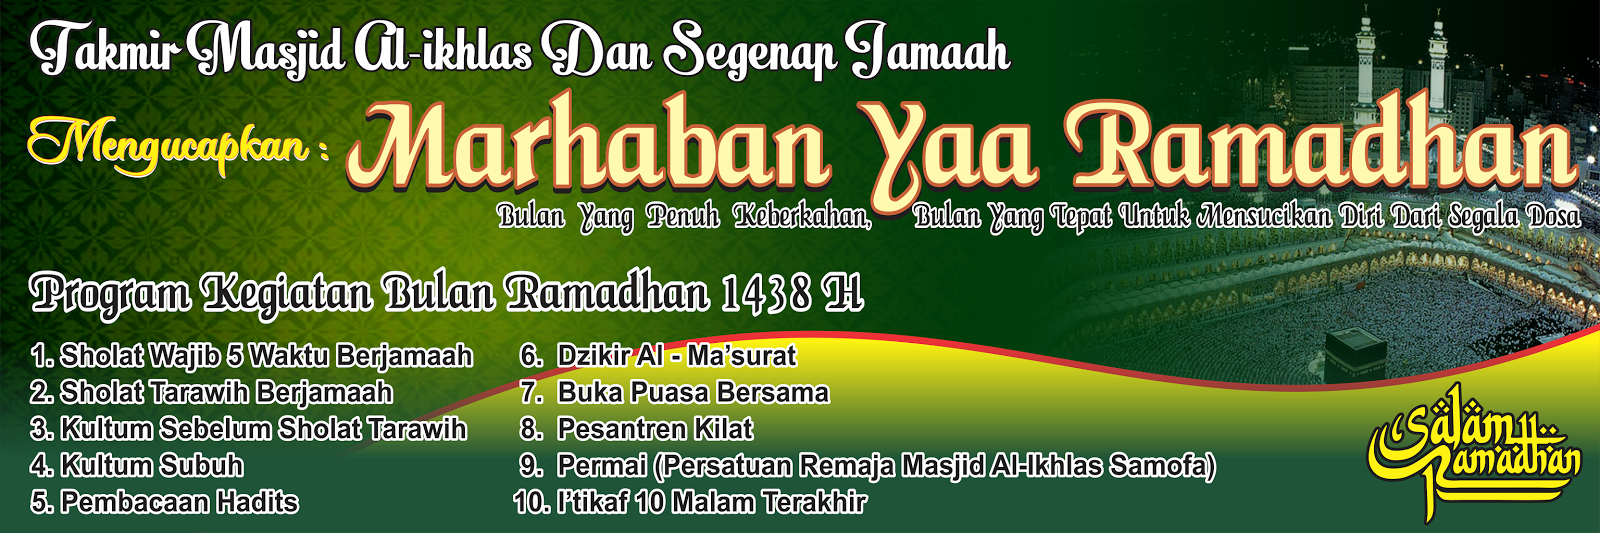 Spanduk Marhaban Yaa Ramadhan H